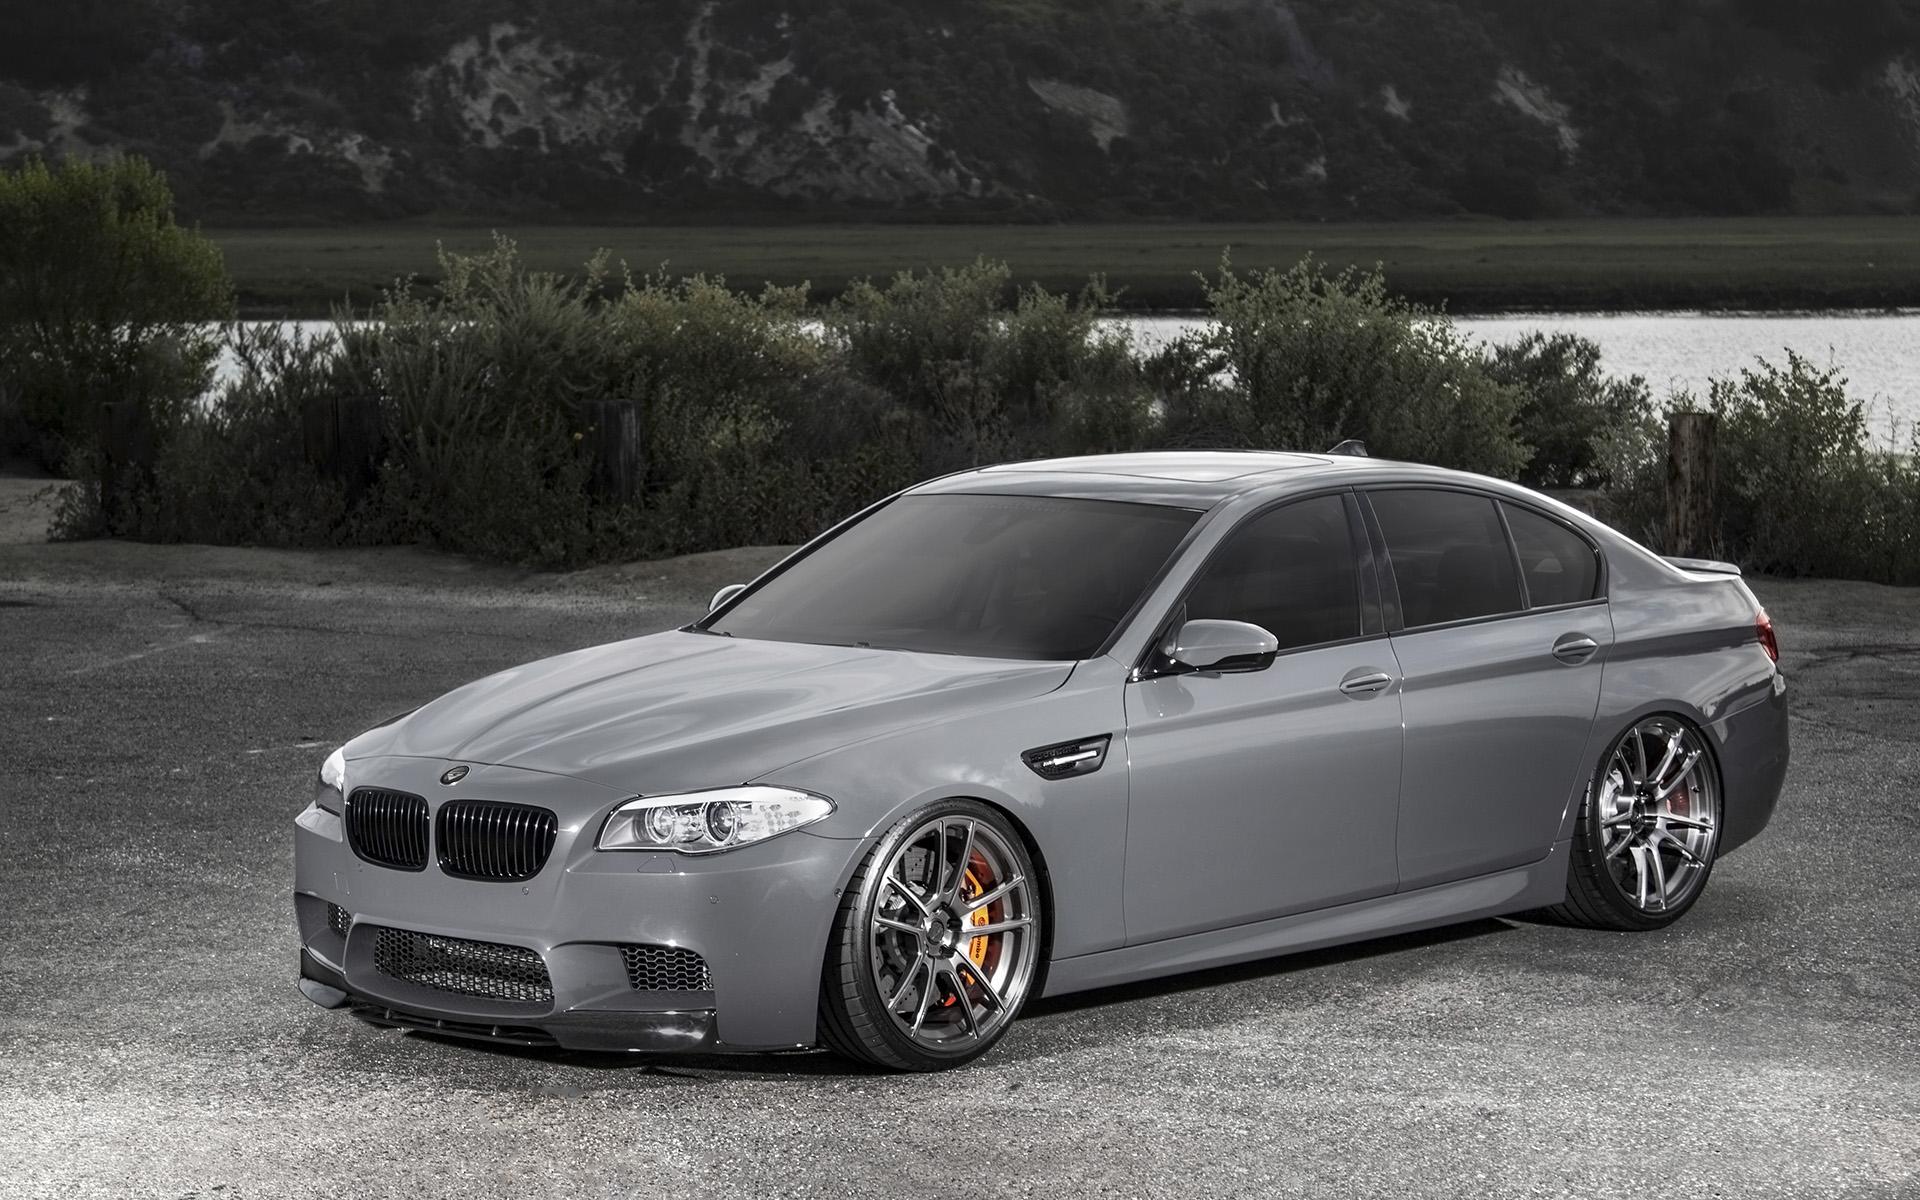 2013_Vorsteiner_BMW_M5_tuning_m_5_____h_1920x1200.jpg